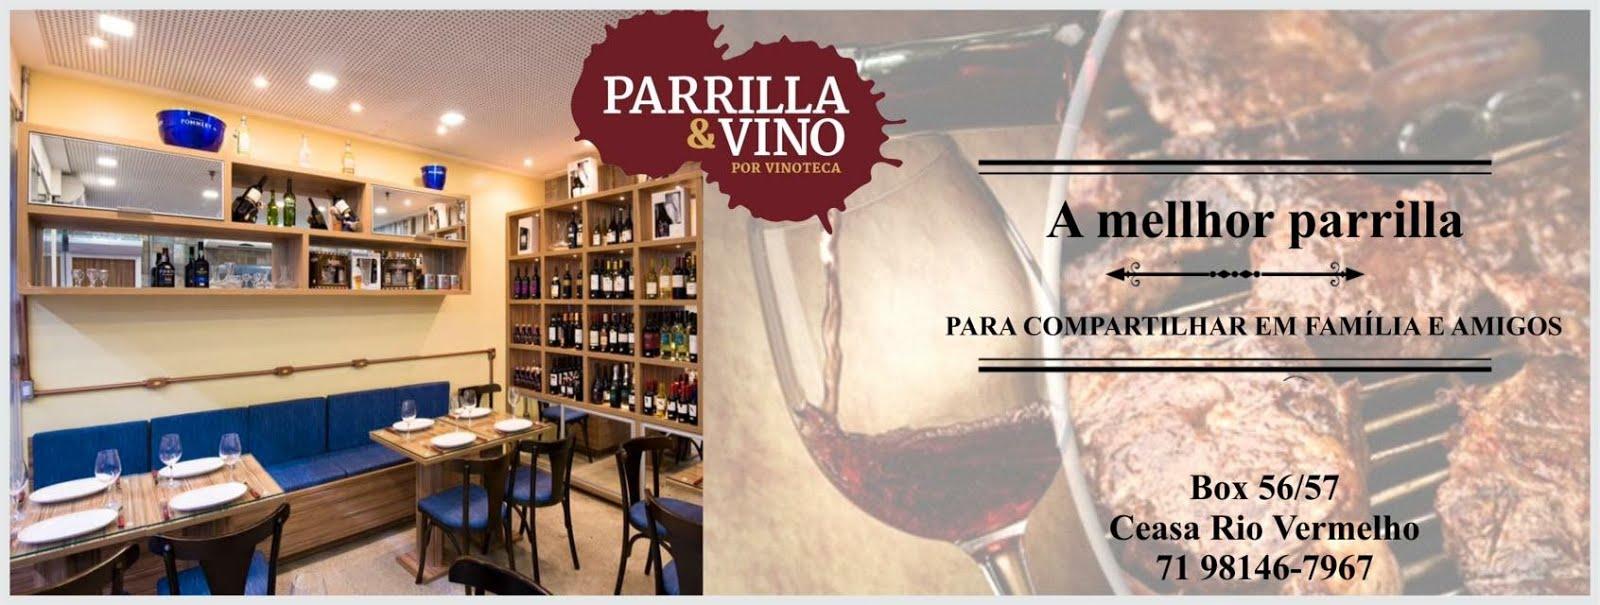 Parrila e Vino - 98146-7967